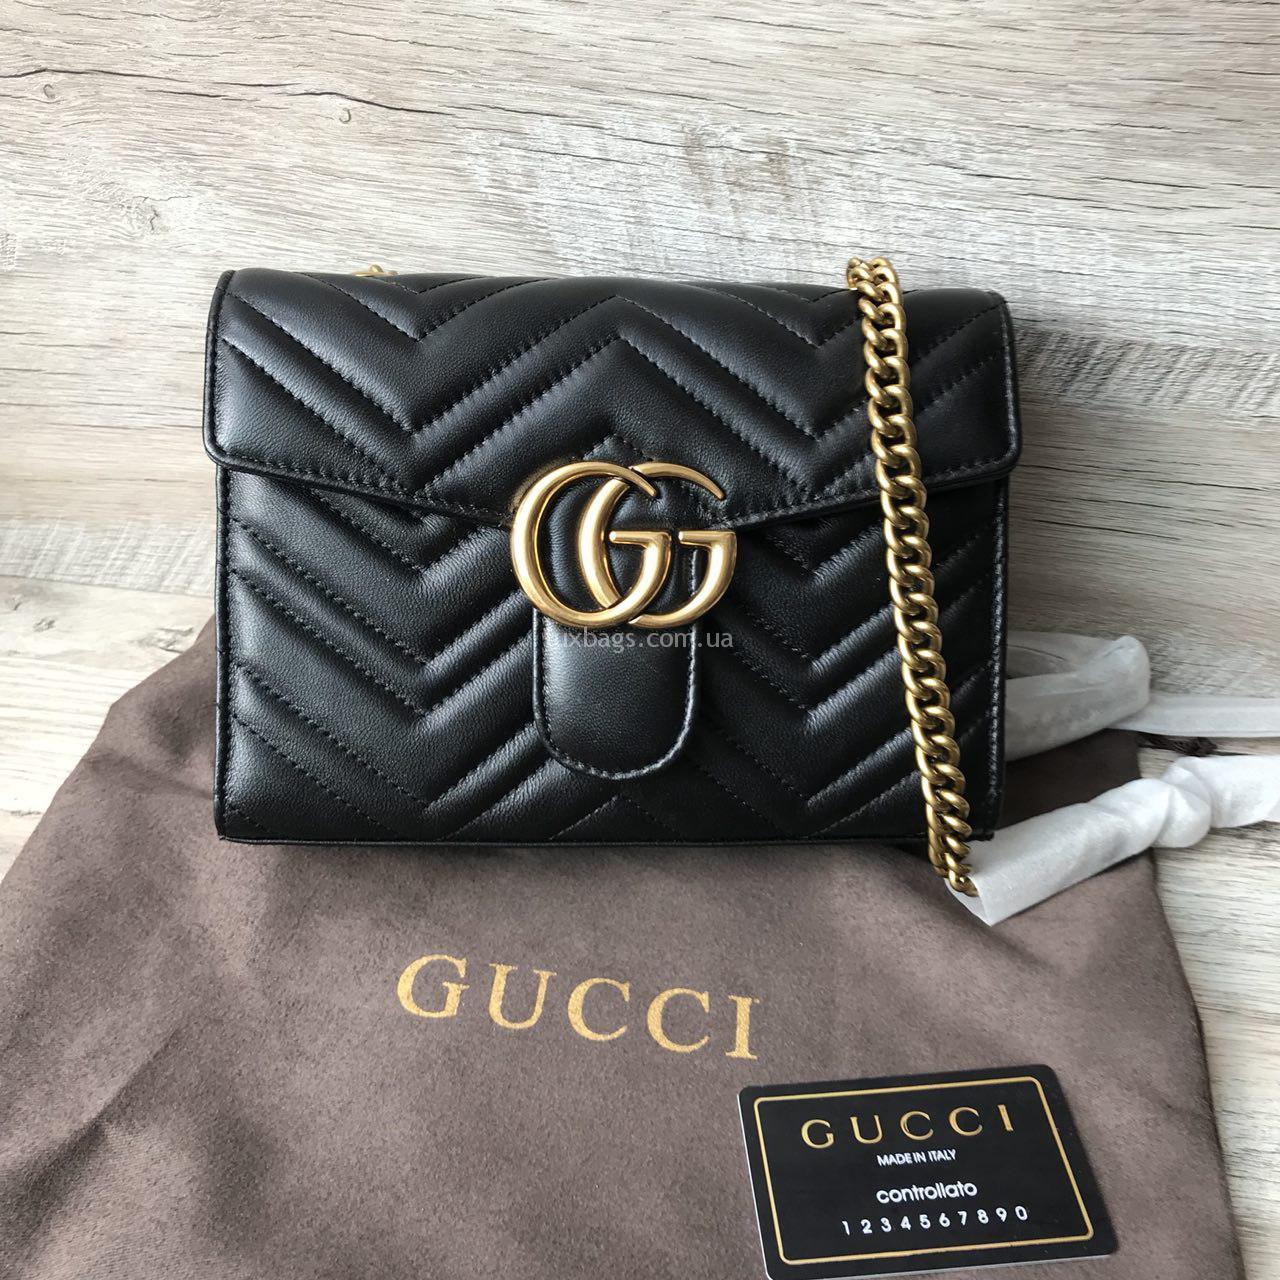 b21708228ed1 сумочка гуччи клатч модный · Женская кожаная сумка клатч Gucci недорогая